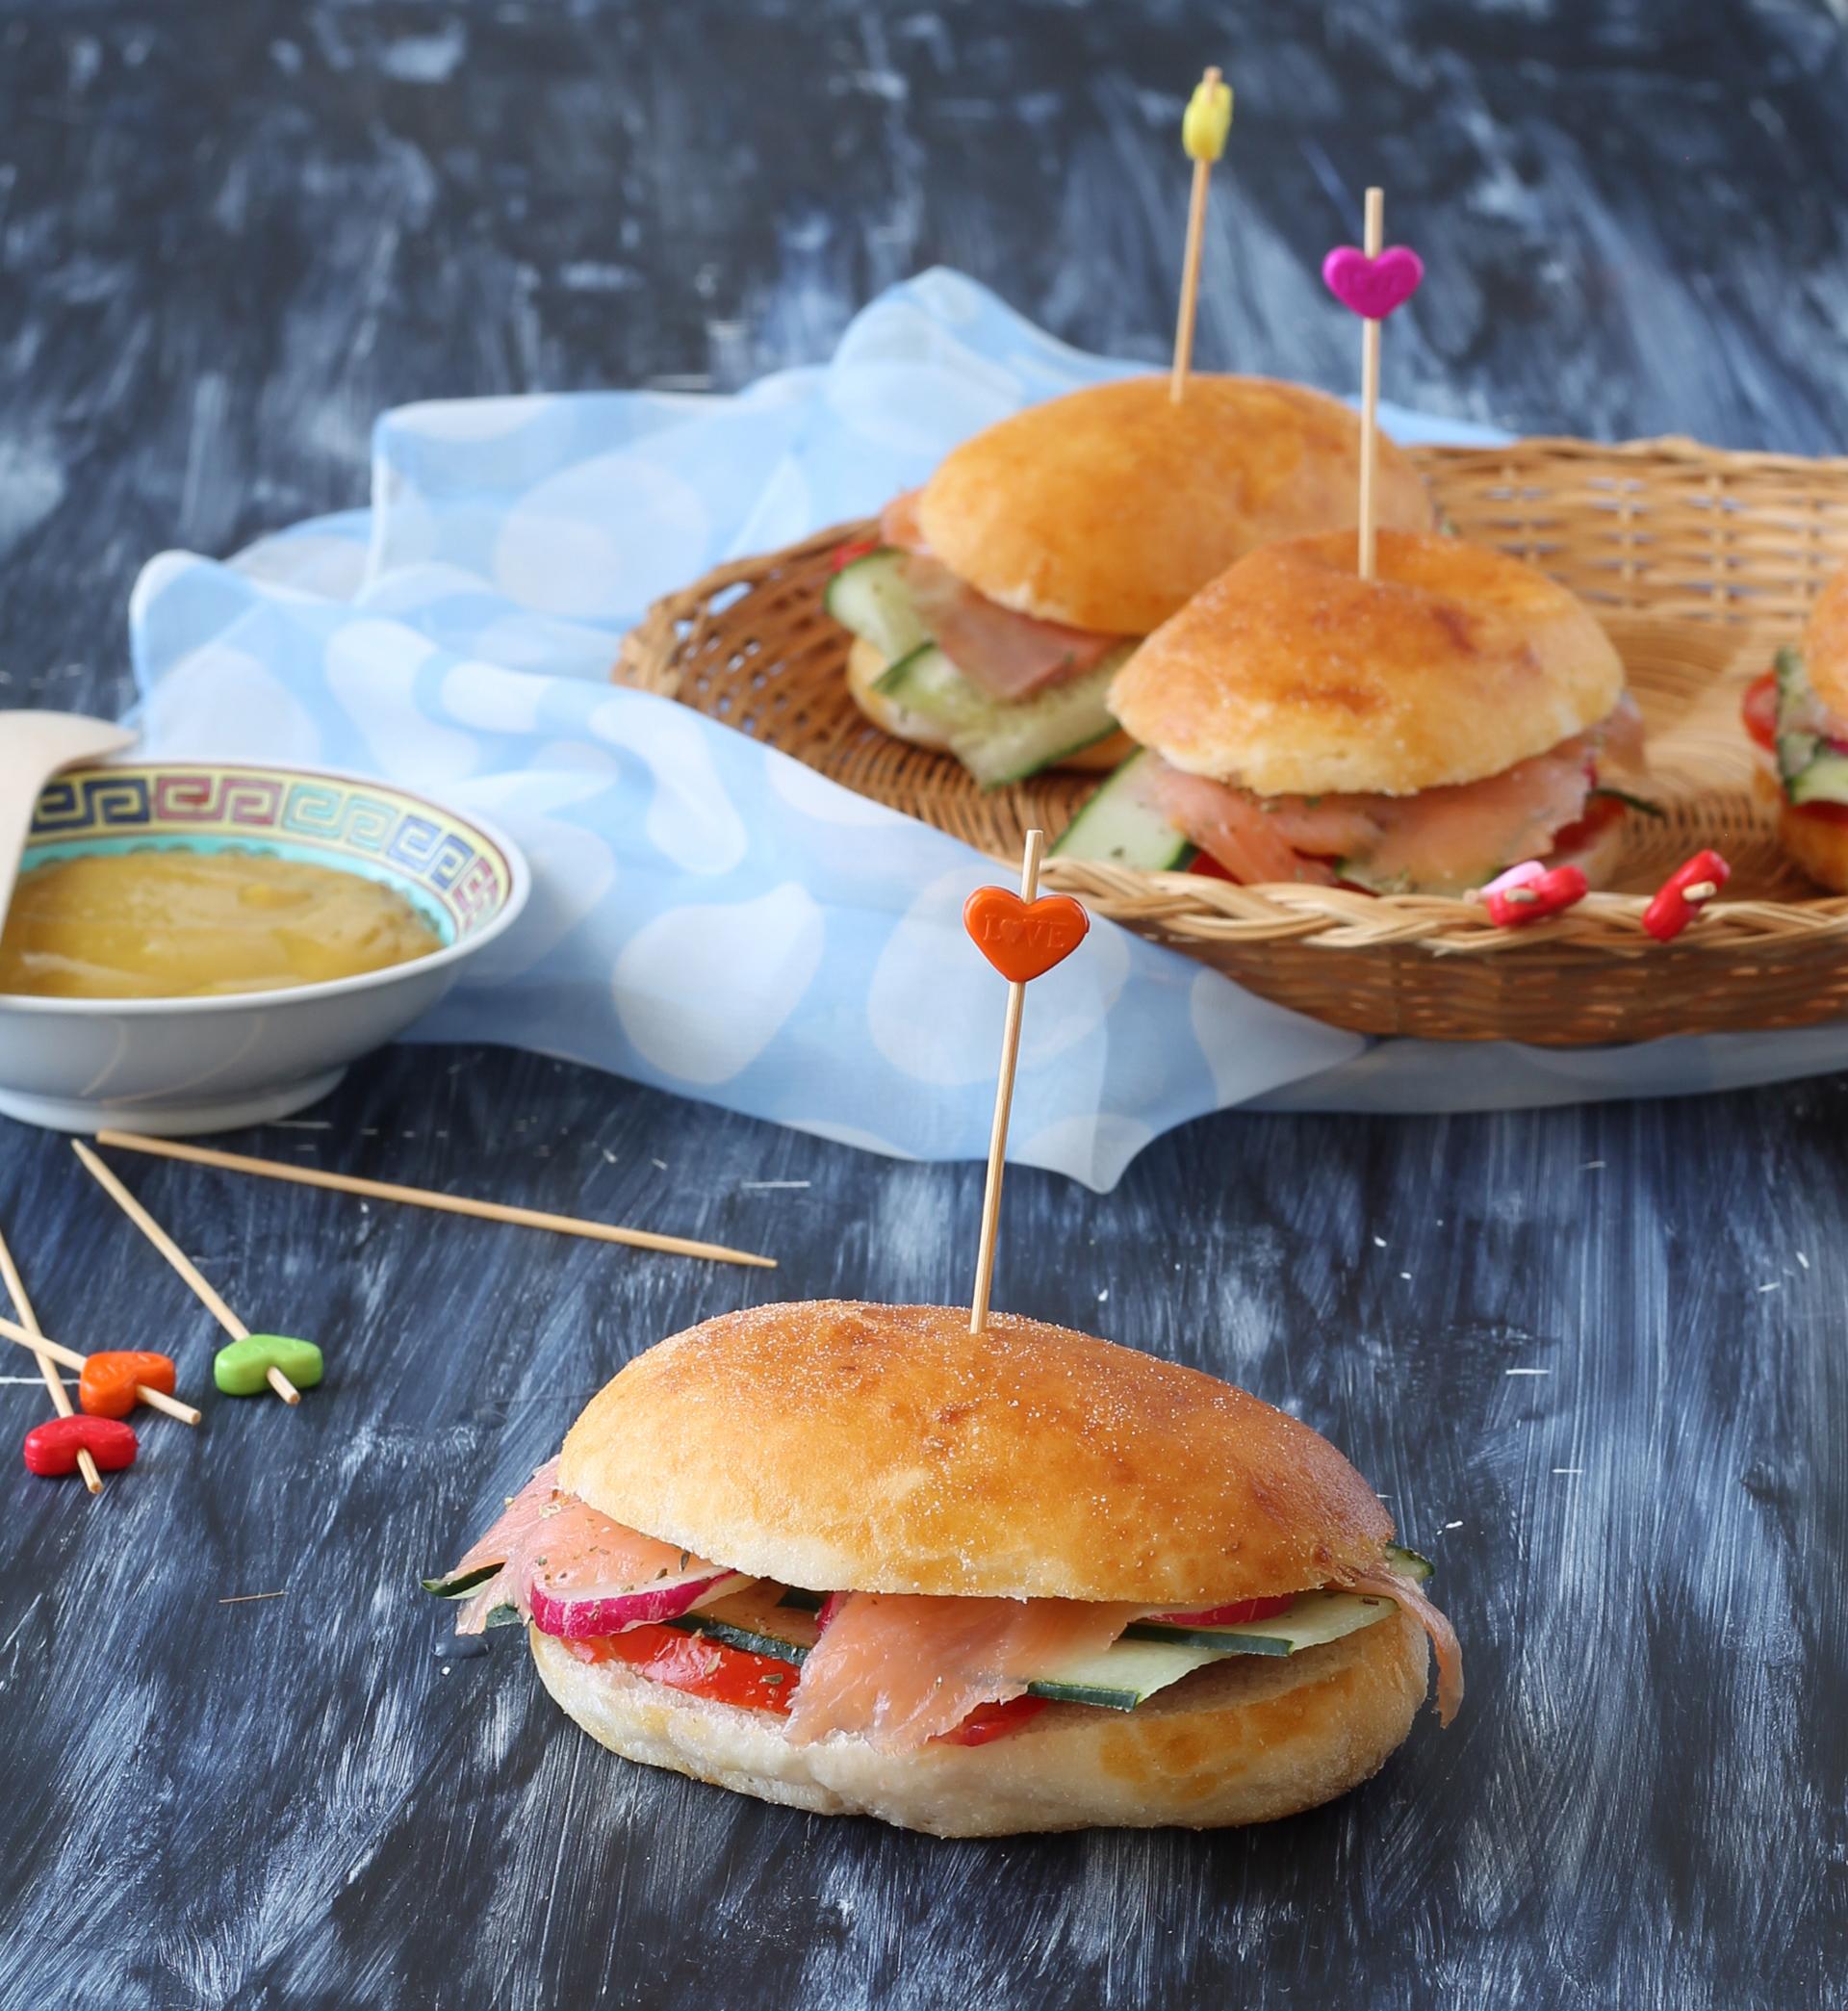 Panini senza glutine con salmone e cetrioli - Say Good